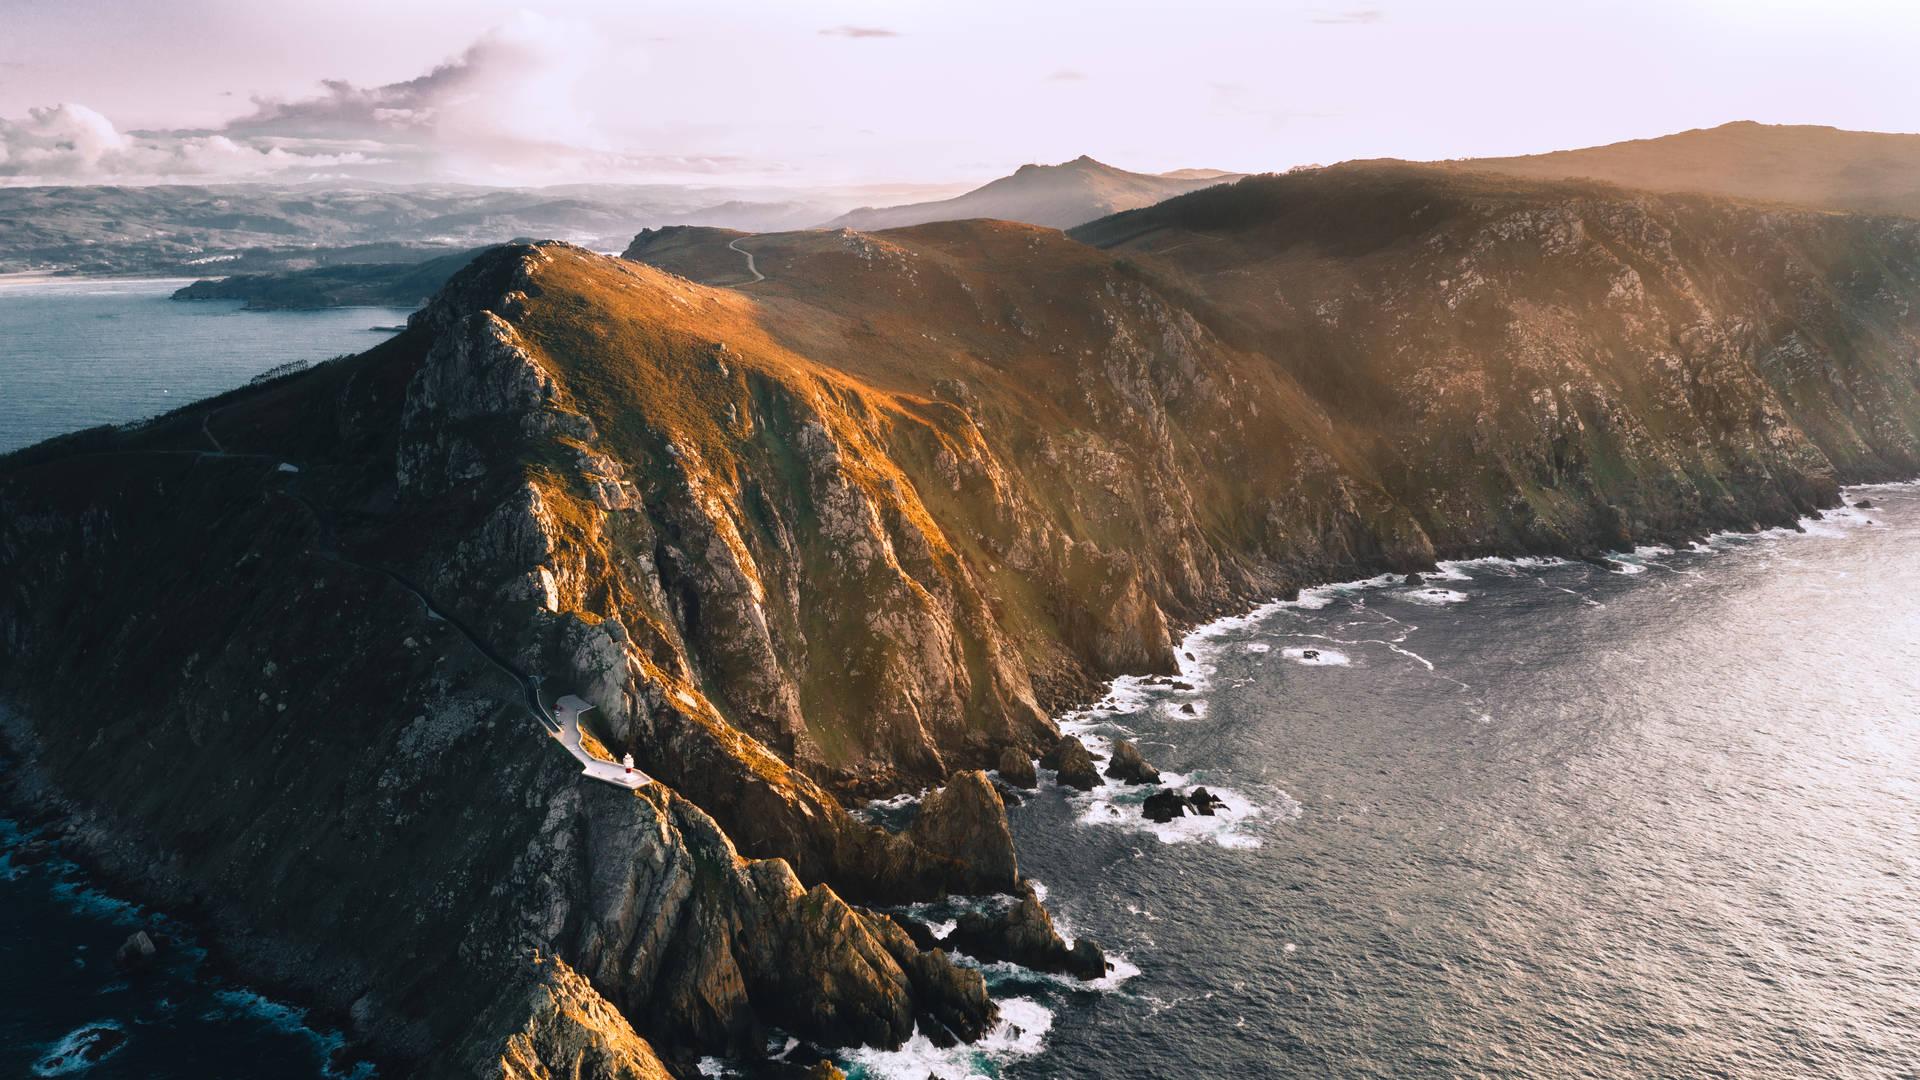 Vista aérea cabo ortegal Galicia